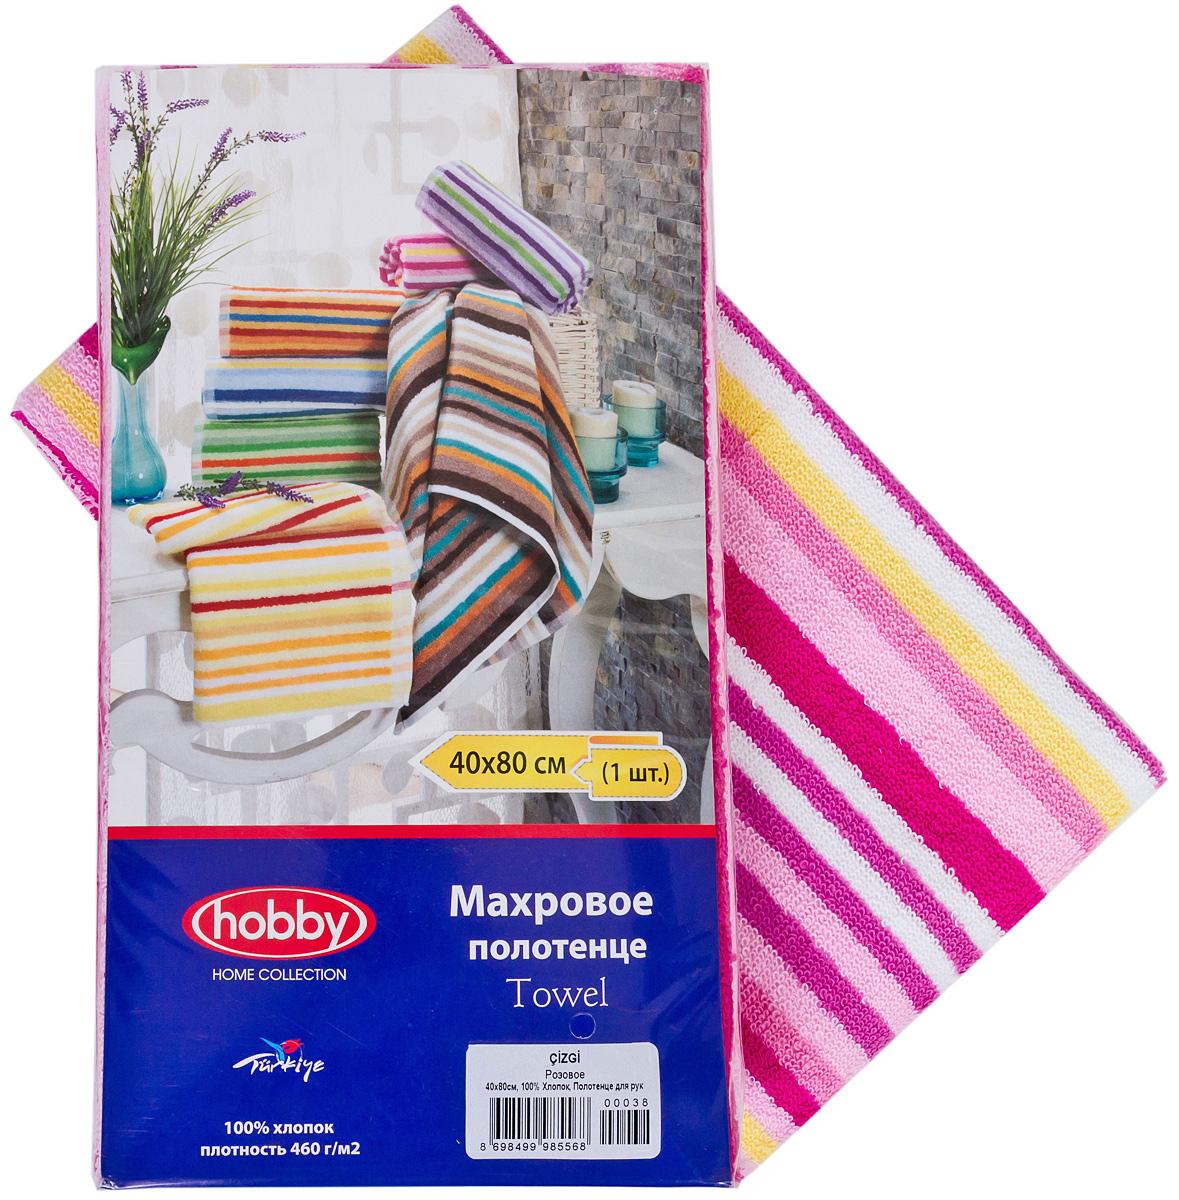 Полотенце Hobby Home Collection Cizgi, цвет: белый, розовый, желтый, 40 х 80 см391602Полотенце Hobby Home Collection Cizgi выполнено из 100% хлопка. Изделие отлично впитывает влагу, быстро сохнет, сохраняет яркость цвета и не теряет форму даже после многократных стирок. Такое полотенце очень практично и неприхотливо в уходе. А простой, но стильный дизайн полотенца позволит ему вписаться даже в классический интерьер ванной комнаты.